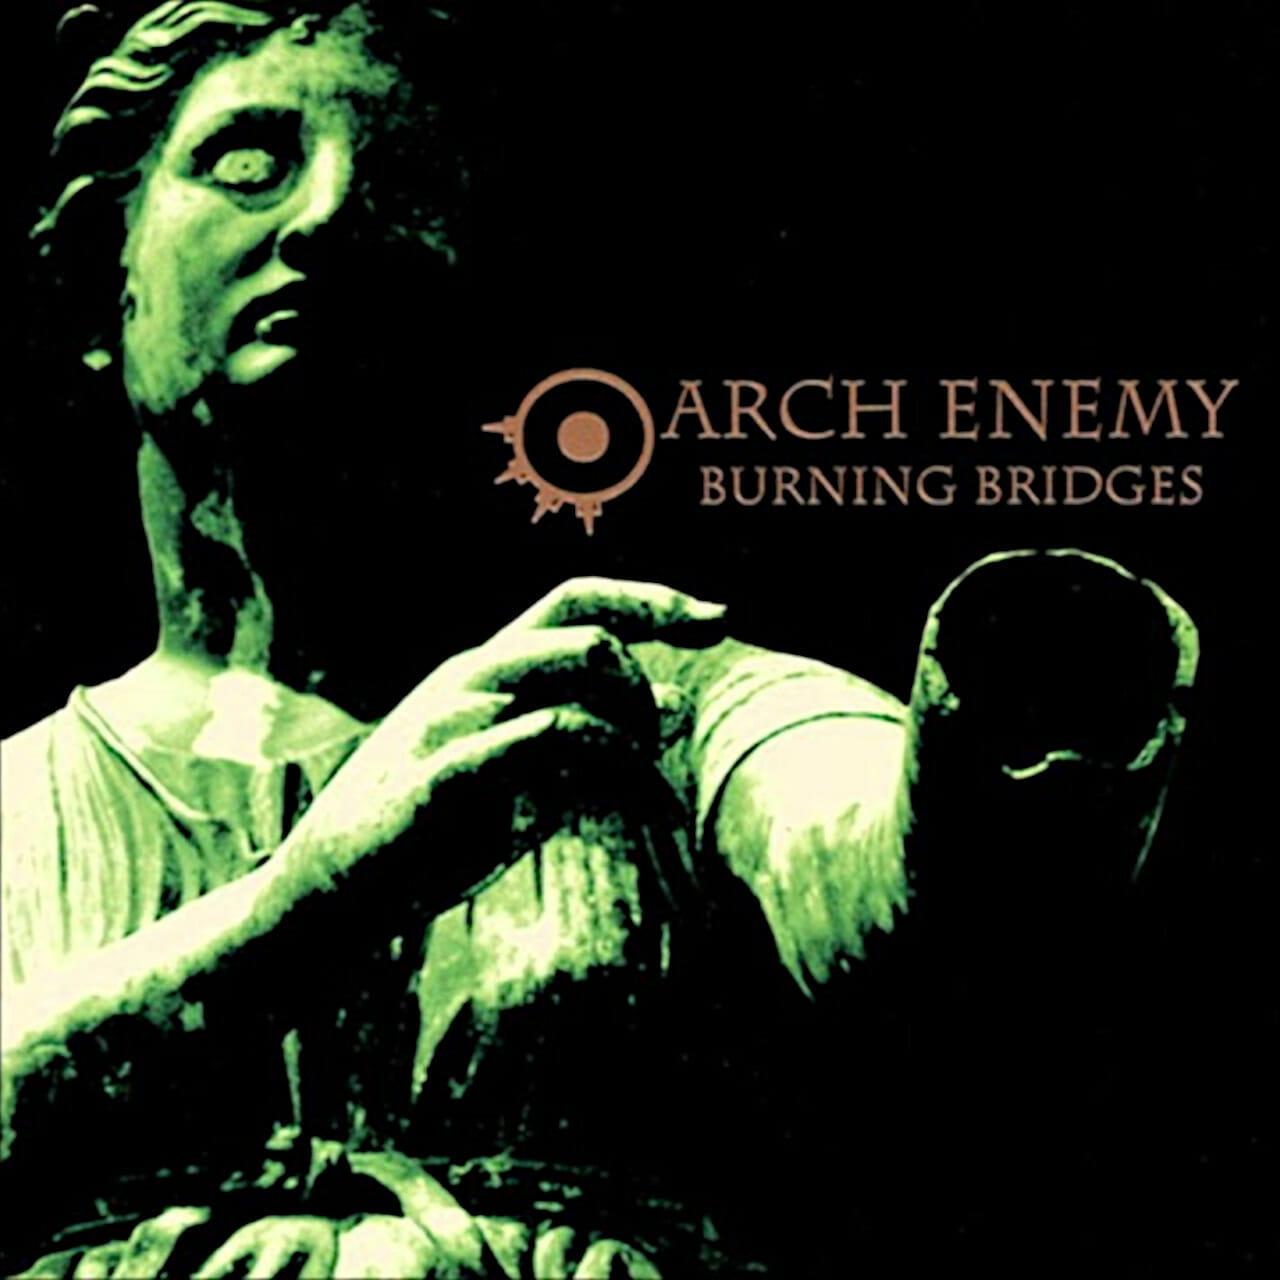 Arch Enemy Burning Bridges